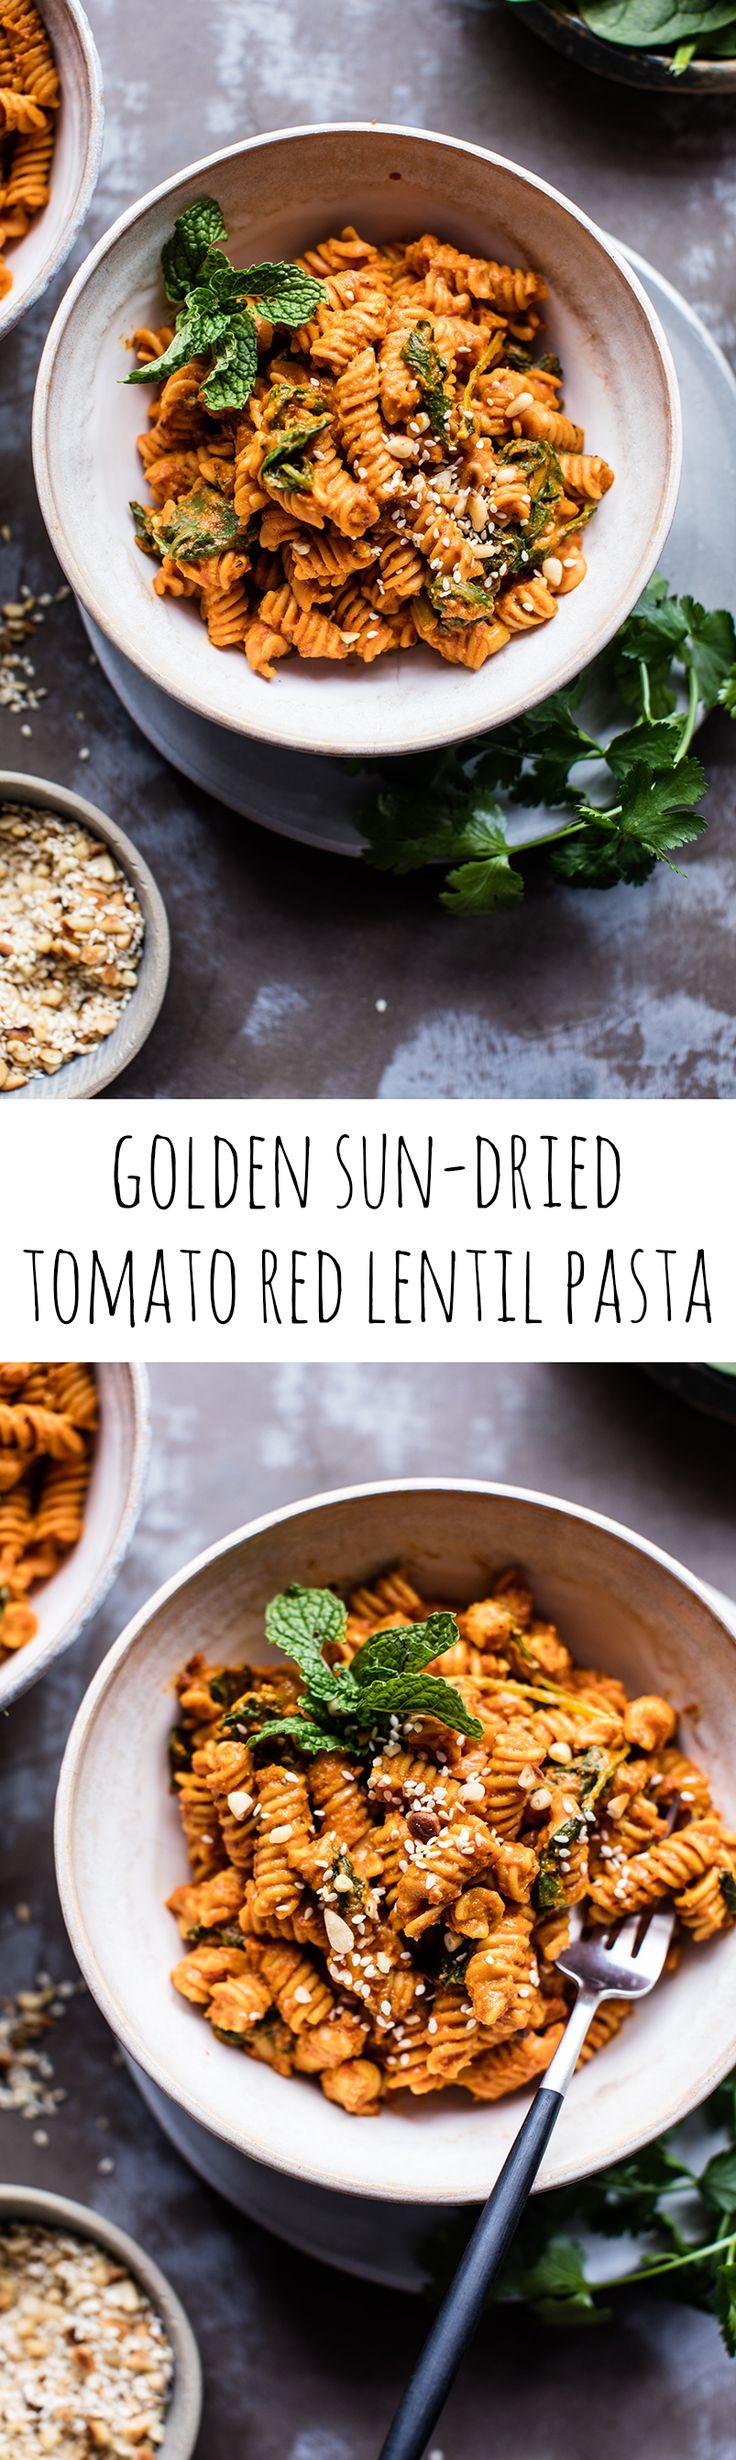 Golden Sun-Dried Tomato Red Lentil Pasta | halfbakedharvest.com @hbharvest